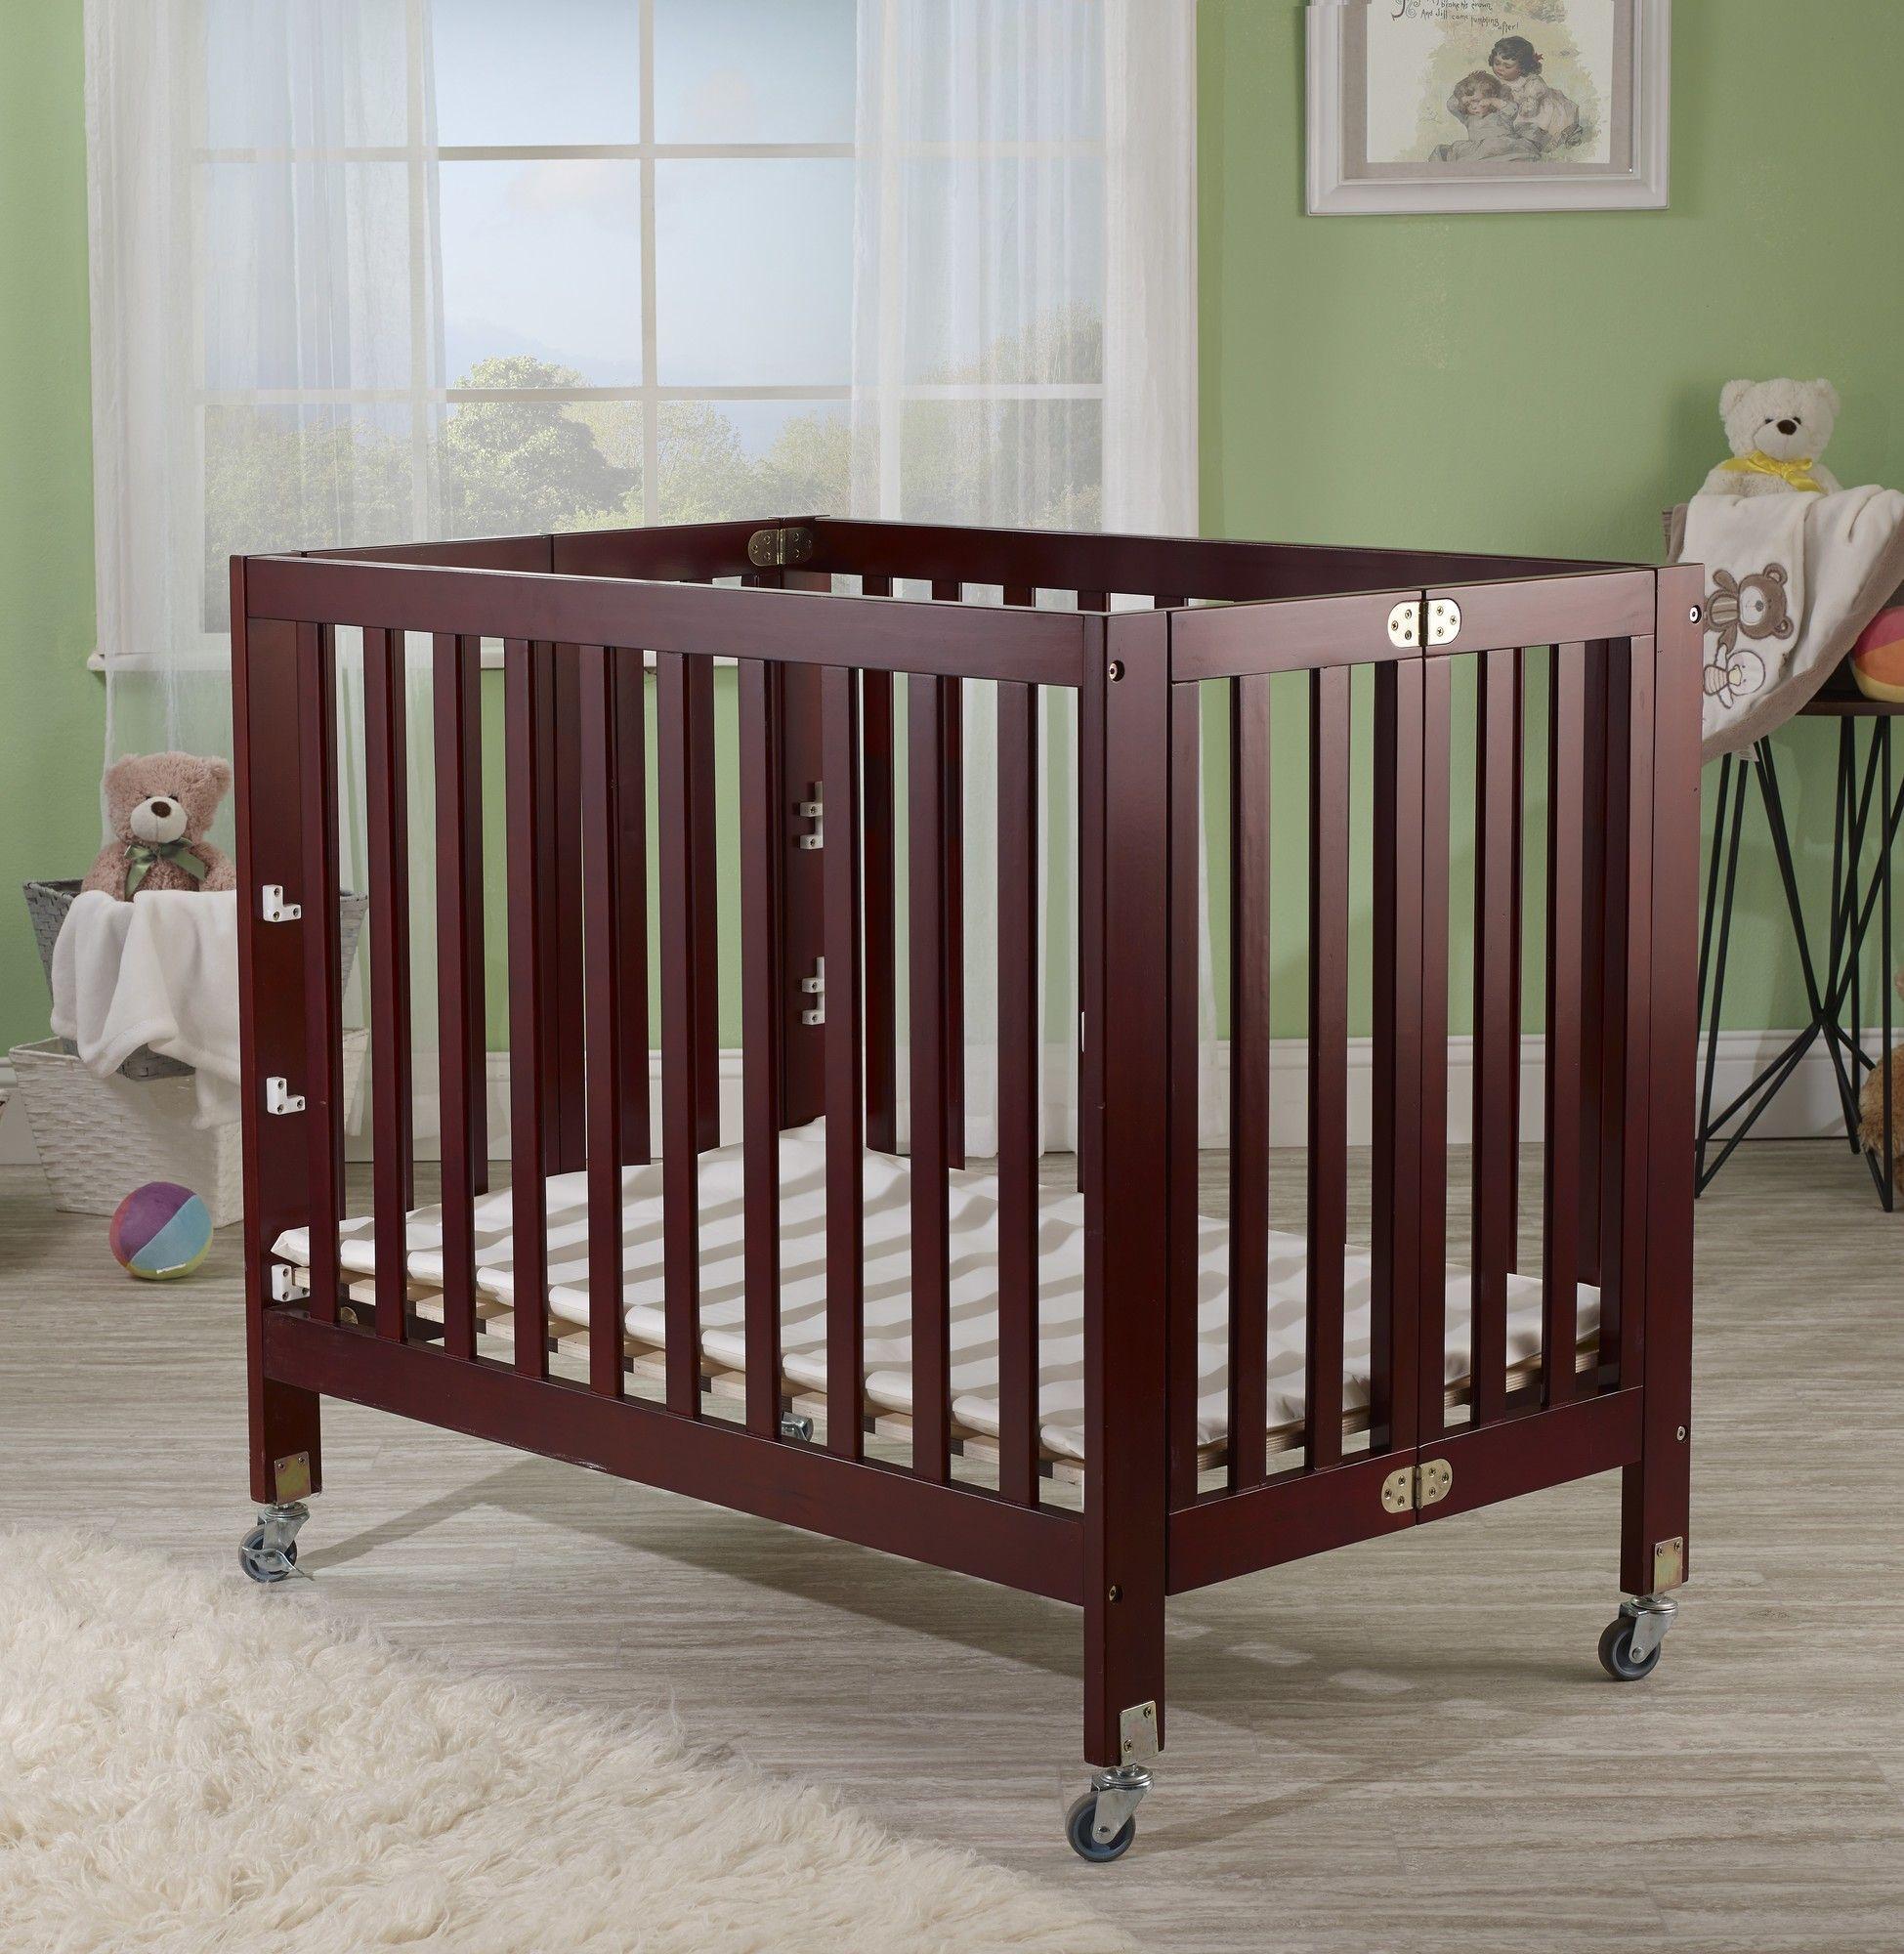 Roxy Portable Crib | Portable crib Cribs